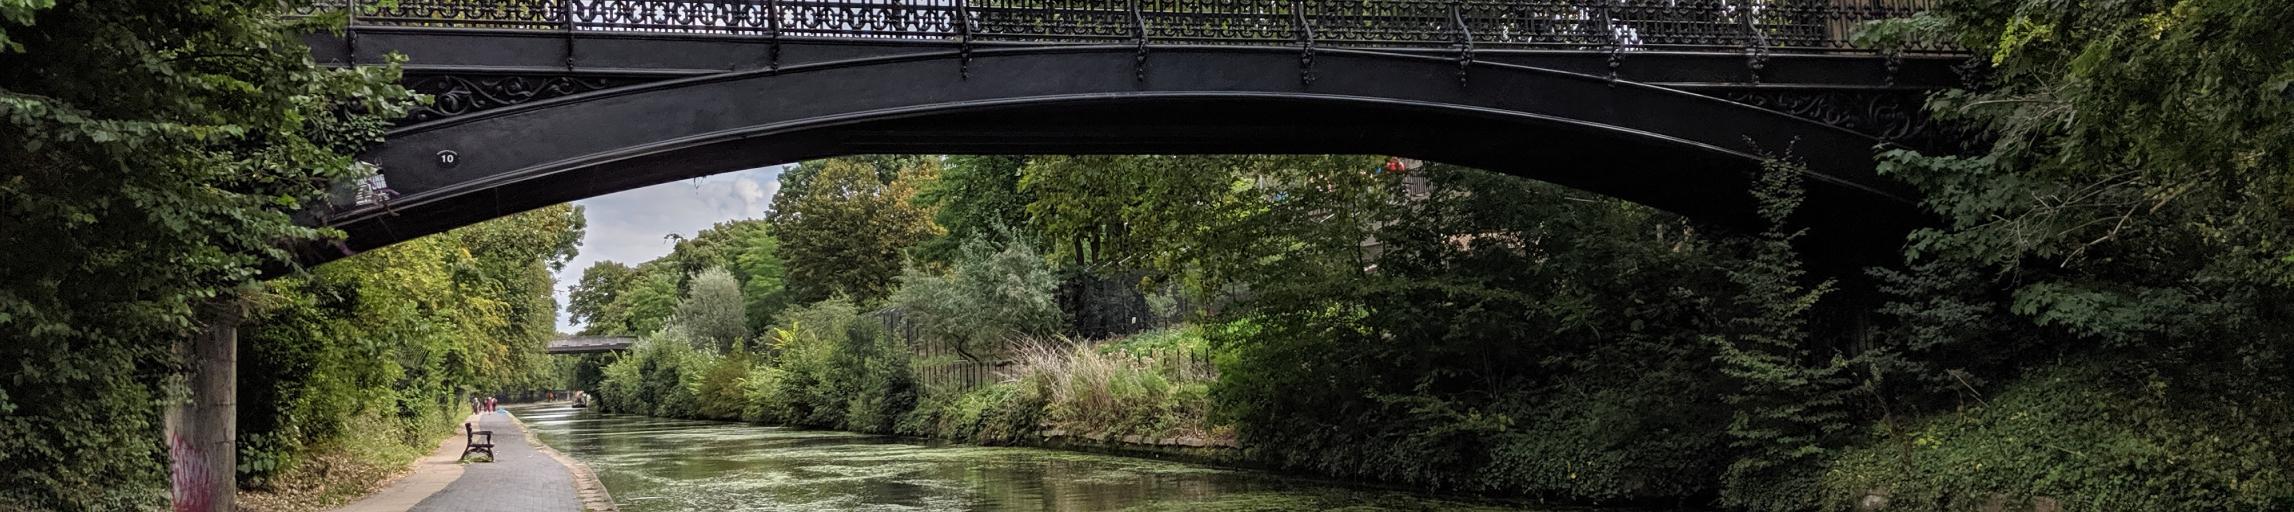 bridge over regents canal